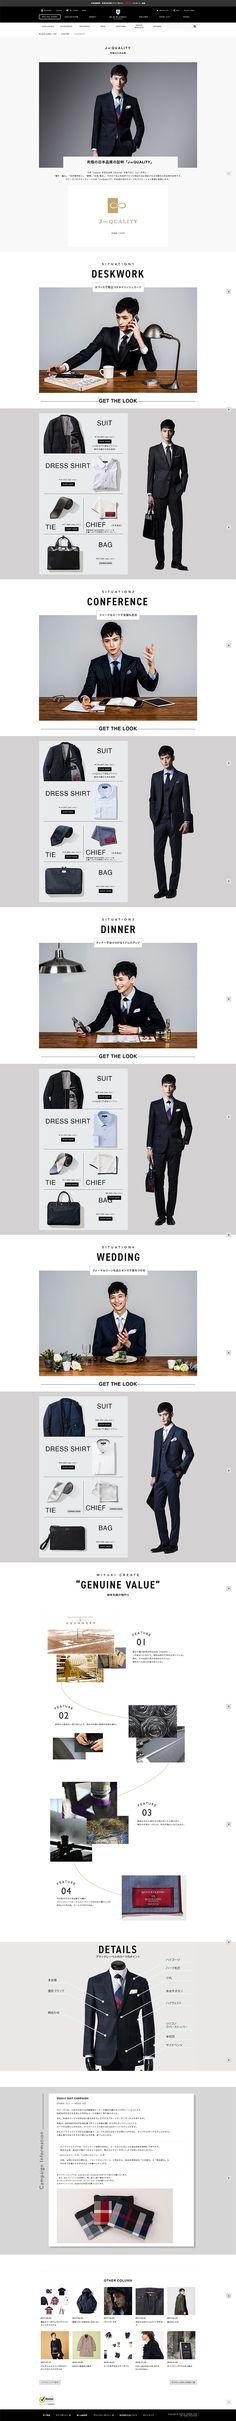 J∞QUALITY【ファッション関連】のLPデザイン。WEBデザイナーさん必見!ランディングページのデザイン参考に(かっこいい系)